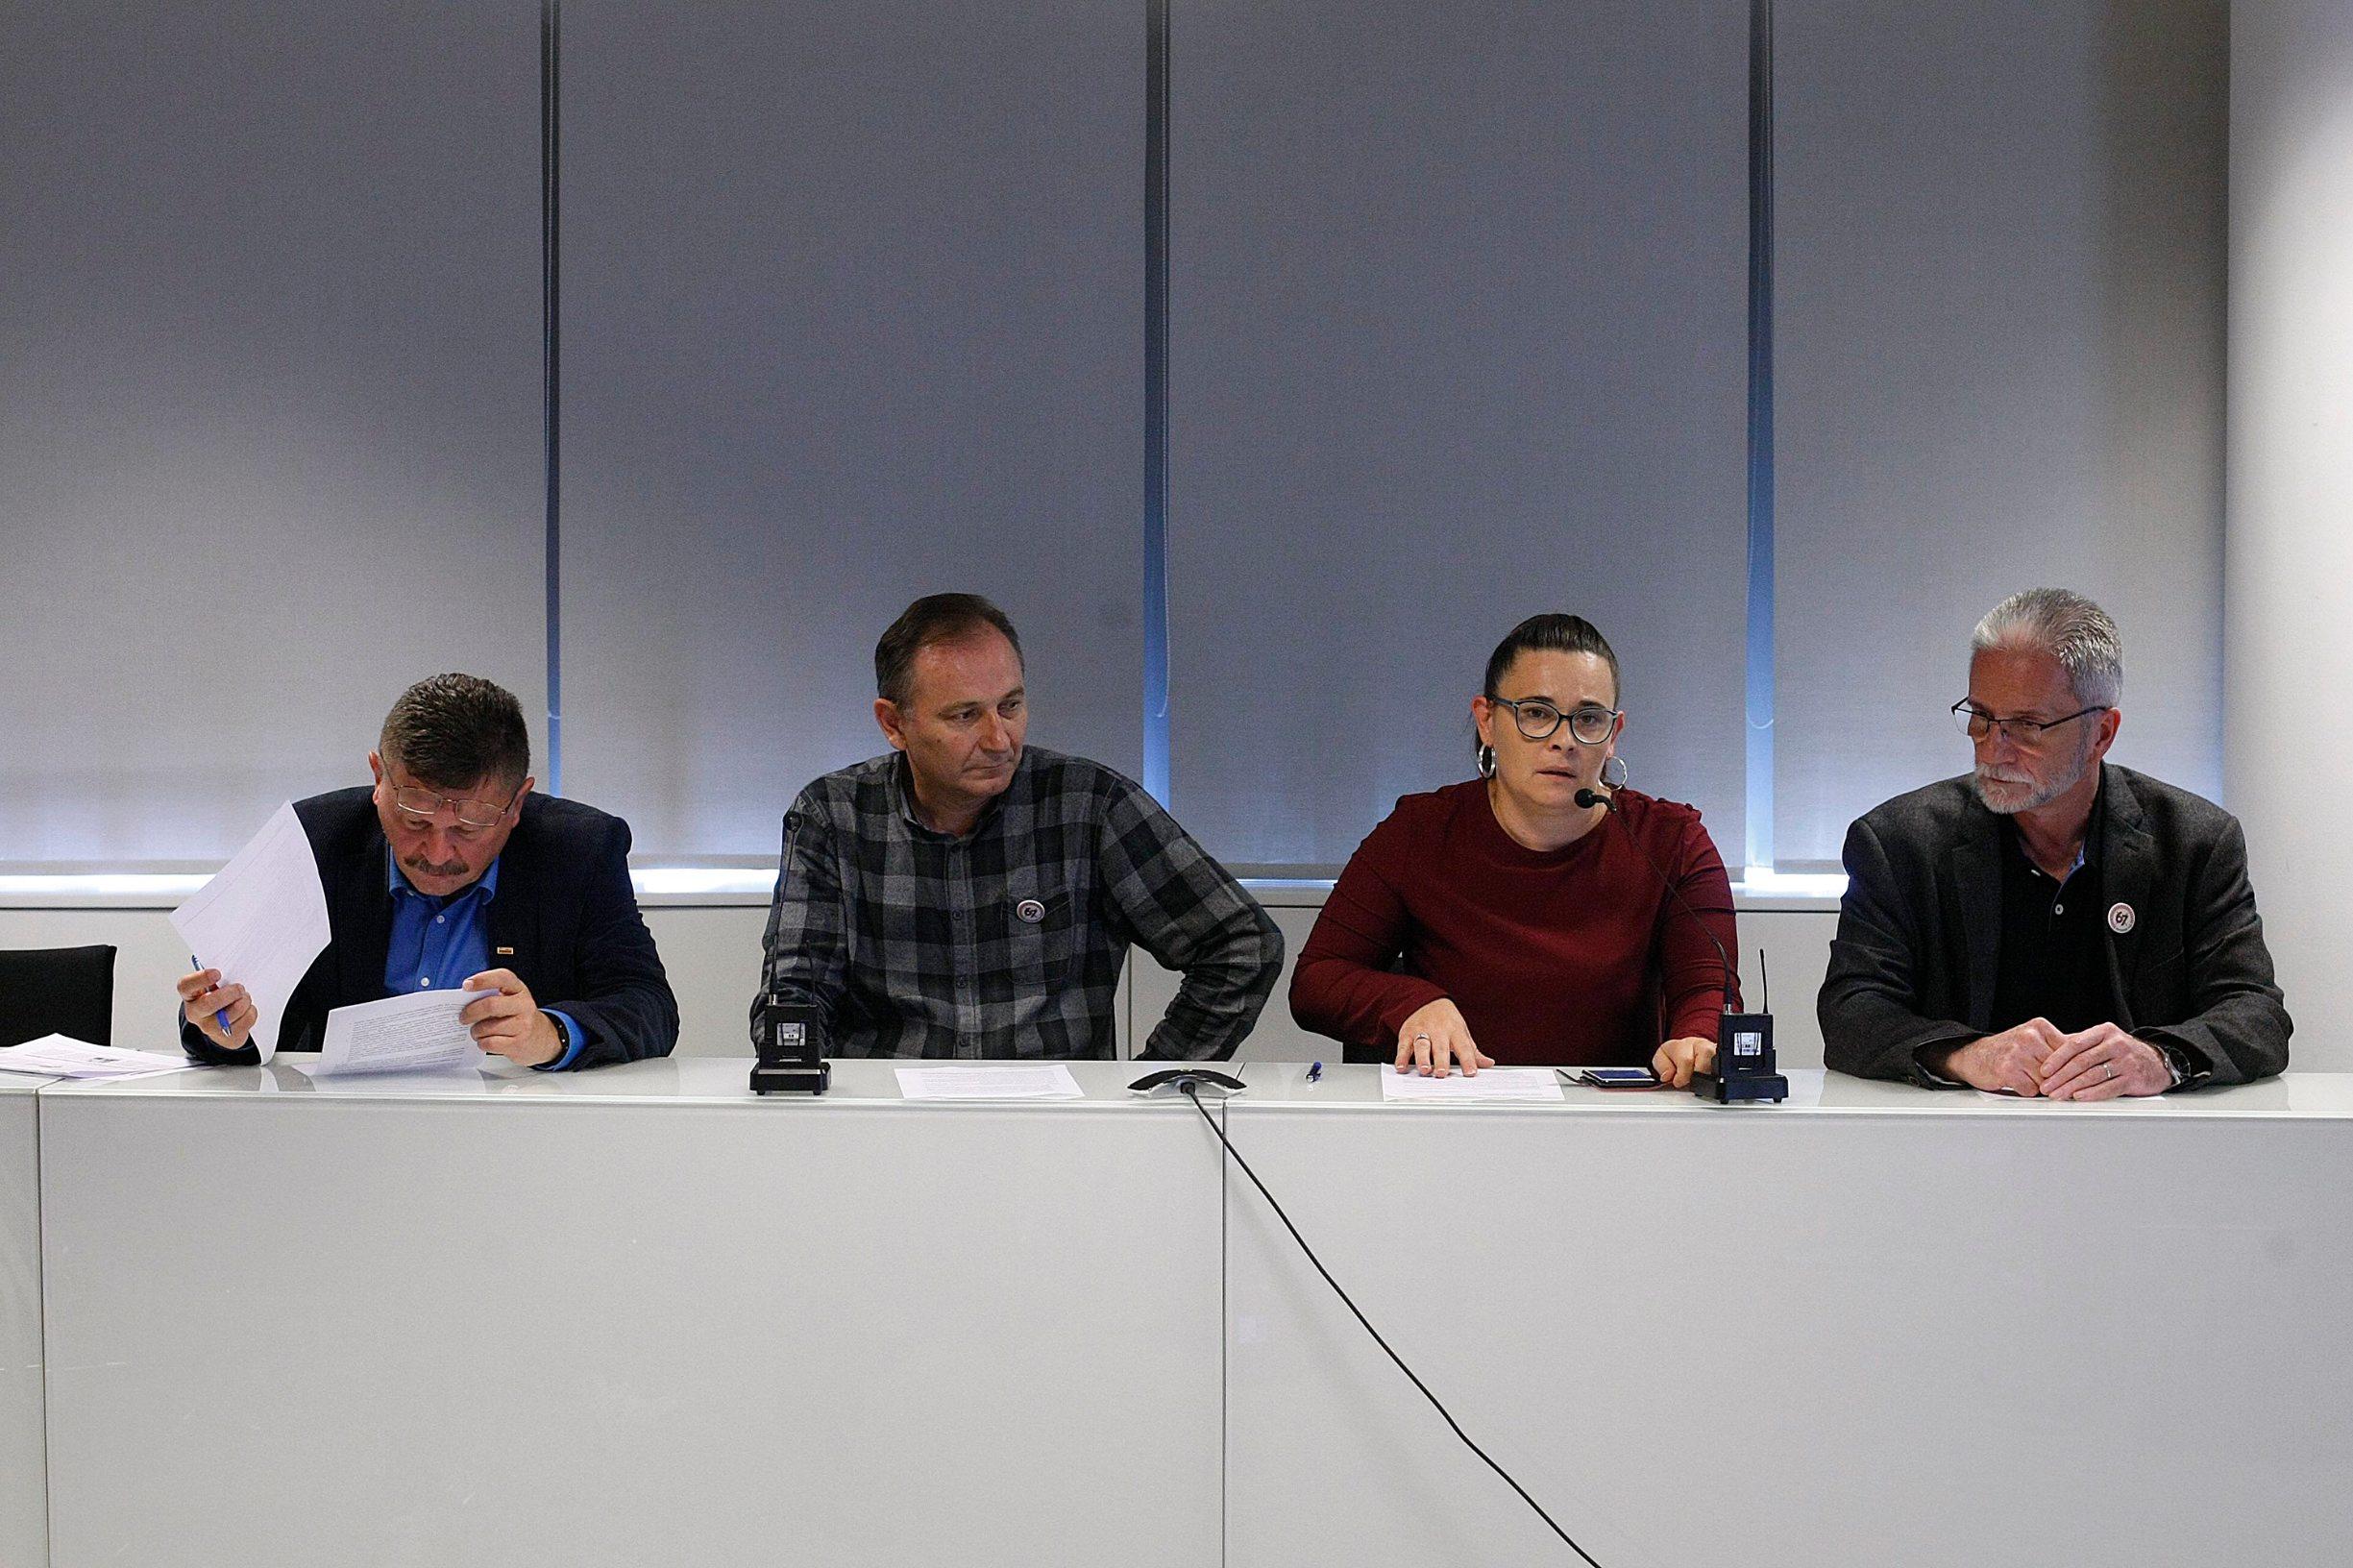 Zagreb, 230519. Matica sindikata, Ulica Florijana Andraseca. Konferencija za novinare Nezavisnih hrvatskih sindikata (NHS), Saveza samostalnih sindikata Hrvatske (SSSH) i Matice hrvatskih sindikata (MHS). Teme konferencije su  raskidanje Sporazuma o GSV-u i zahtjev za smjenom ministra Pavica, te daljnji koraci oko referendumske inicijative 67 je previse. O navedenim temama govorili su predsjednik NHS-a Kresimir Sever, predsjednik SSSH-a  Mladen Novosel i predsjednik MHS-a Vilim Ribic.  Na fotografiji: Vilim Ribic, Mladen Novosel,Kresimir Sever. Foto: Ranko Suvar / CROPIX